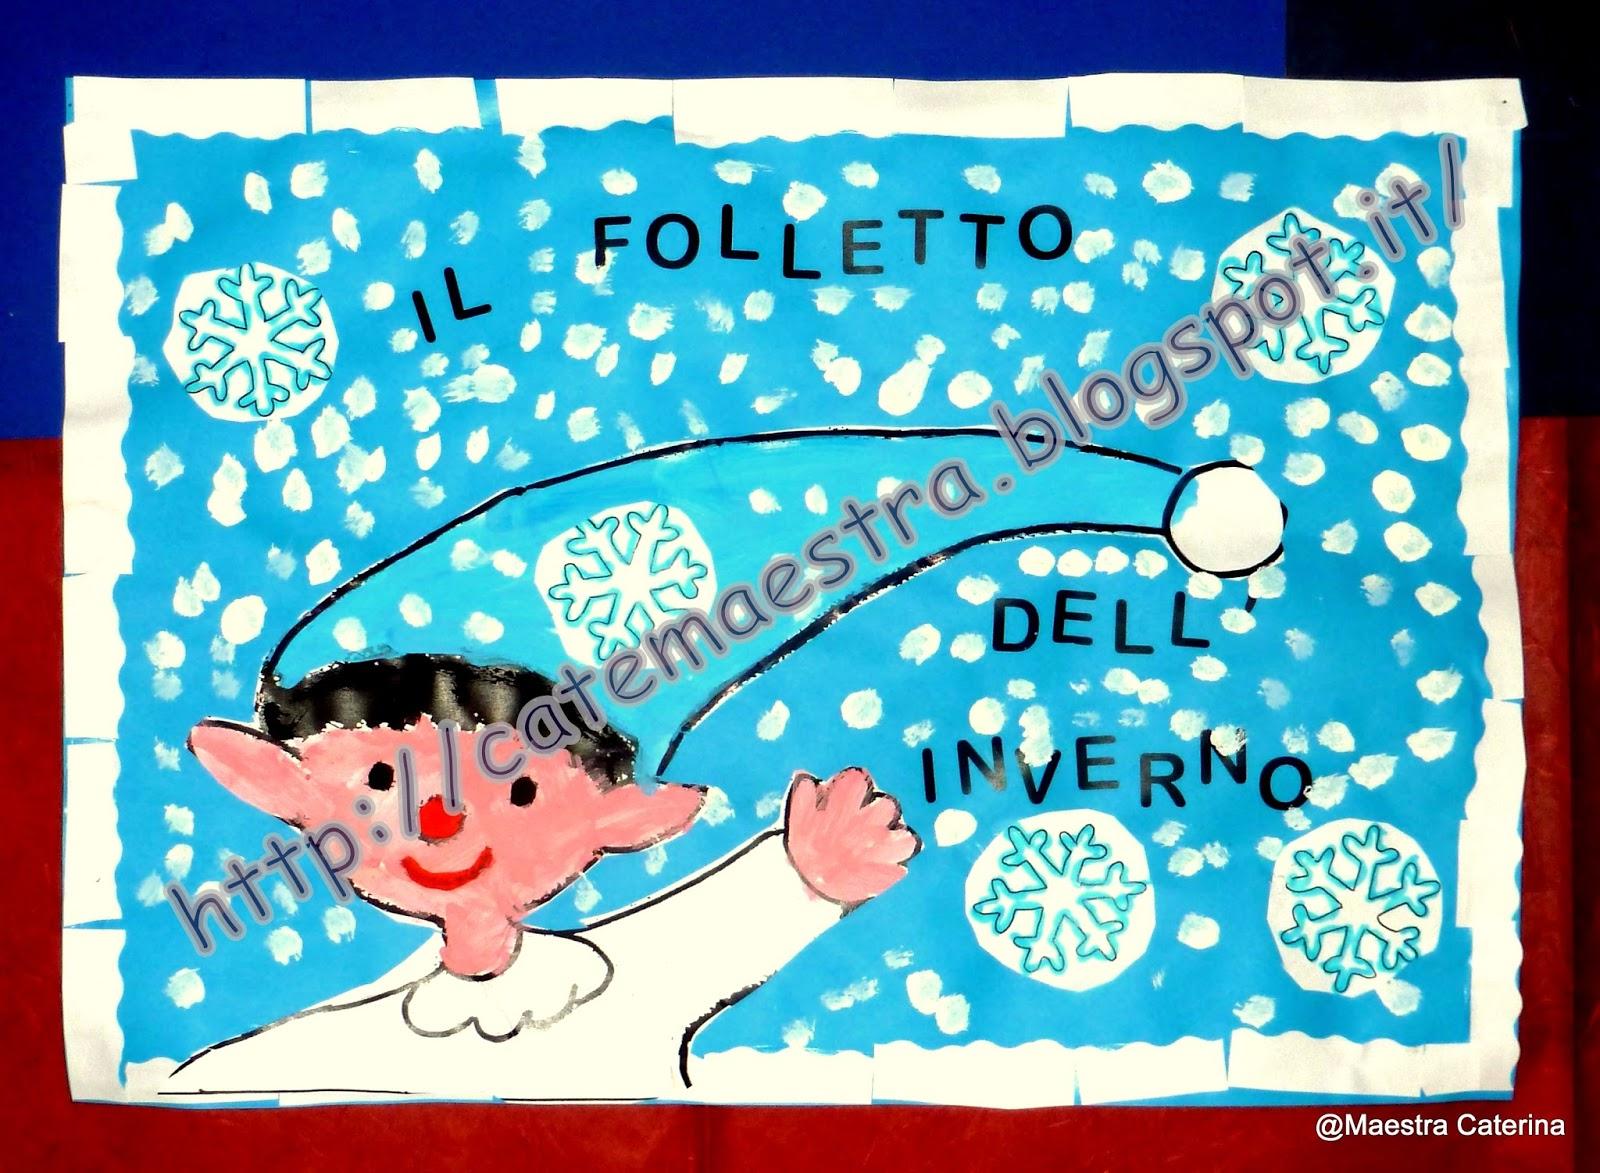 Maestra Caterina Il Folletto Dell Inverno